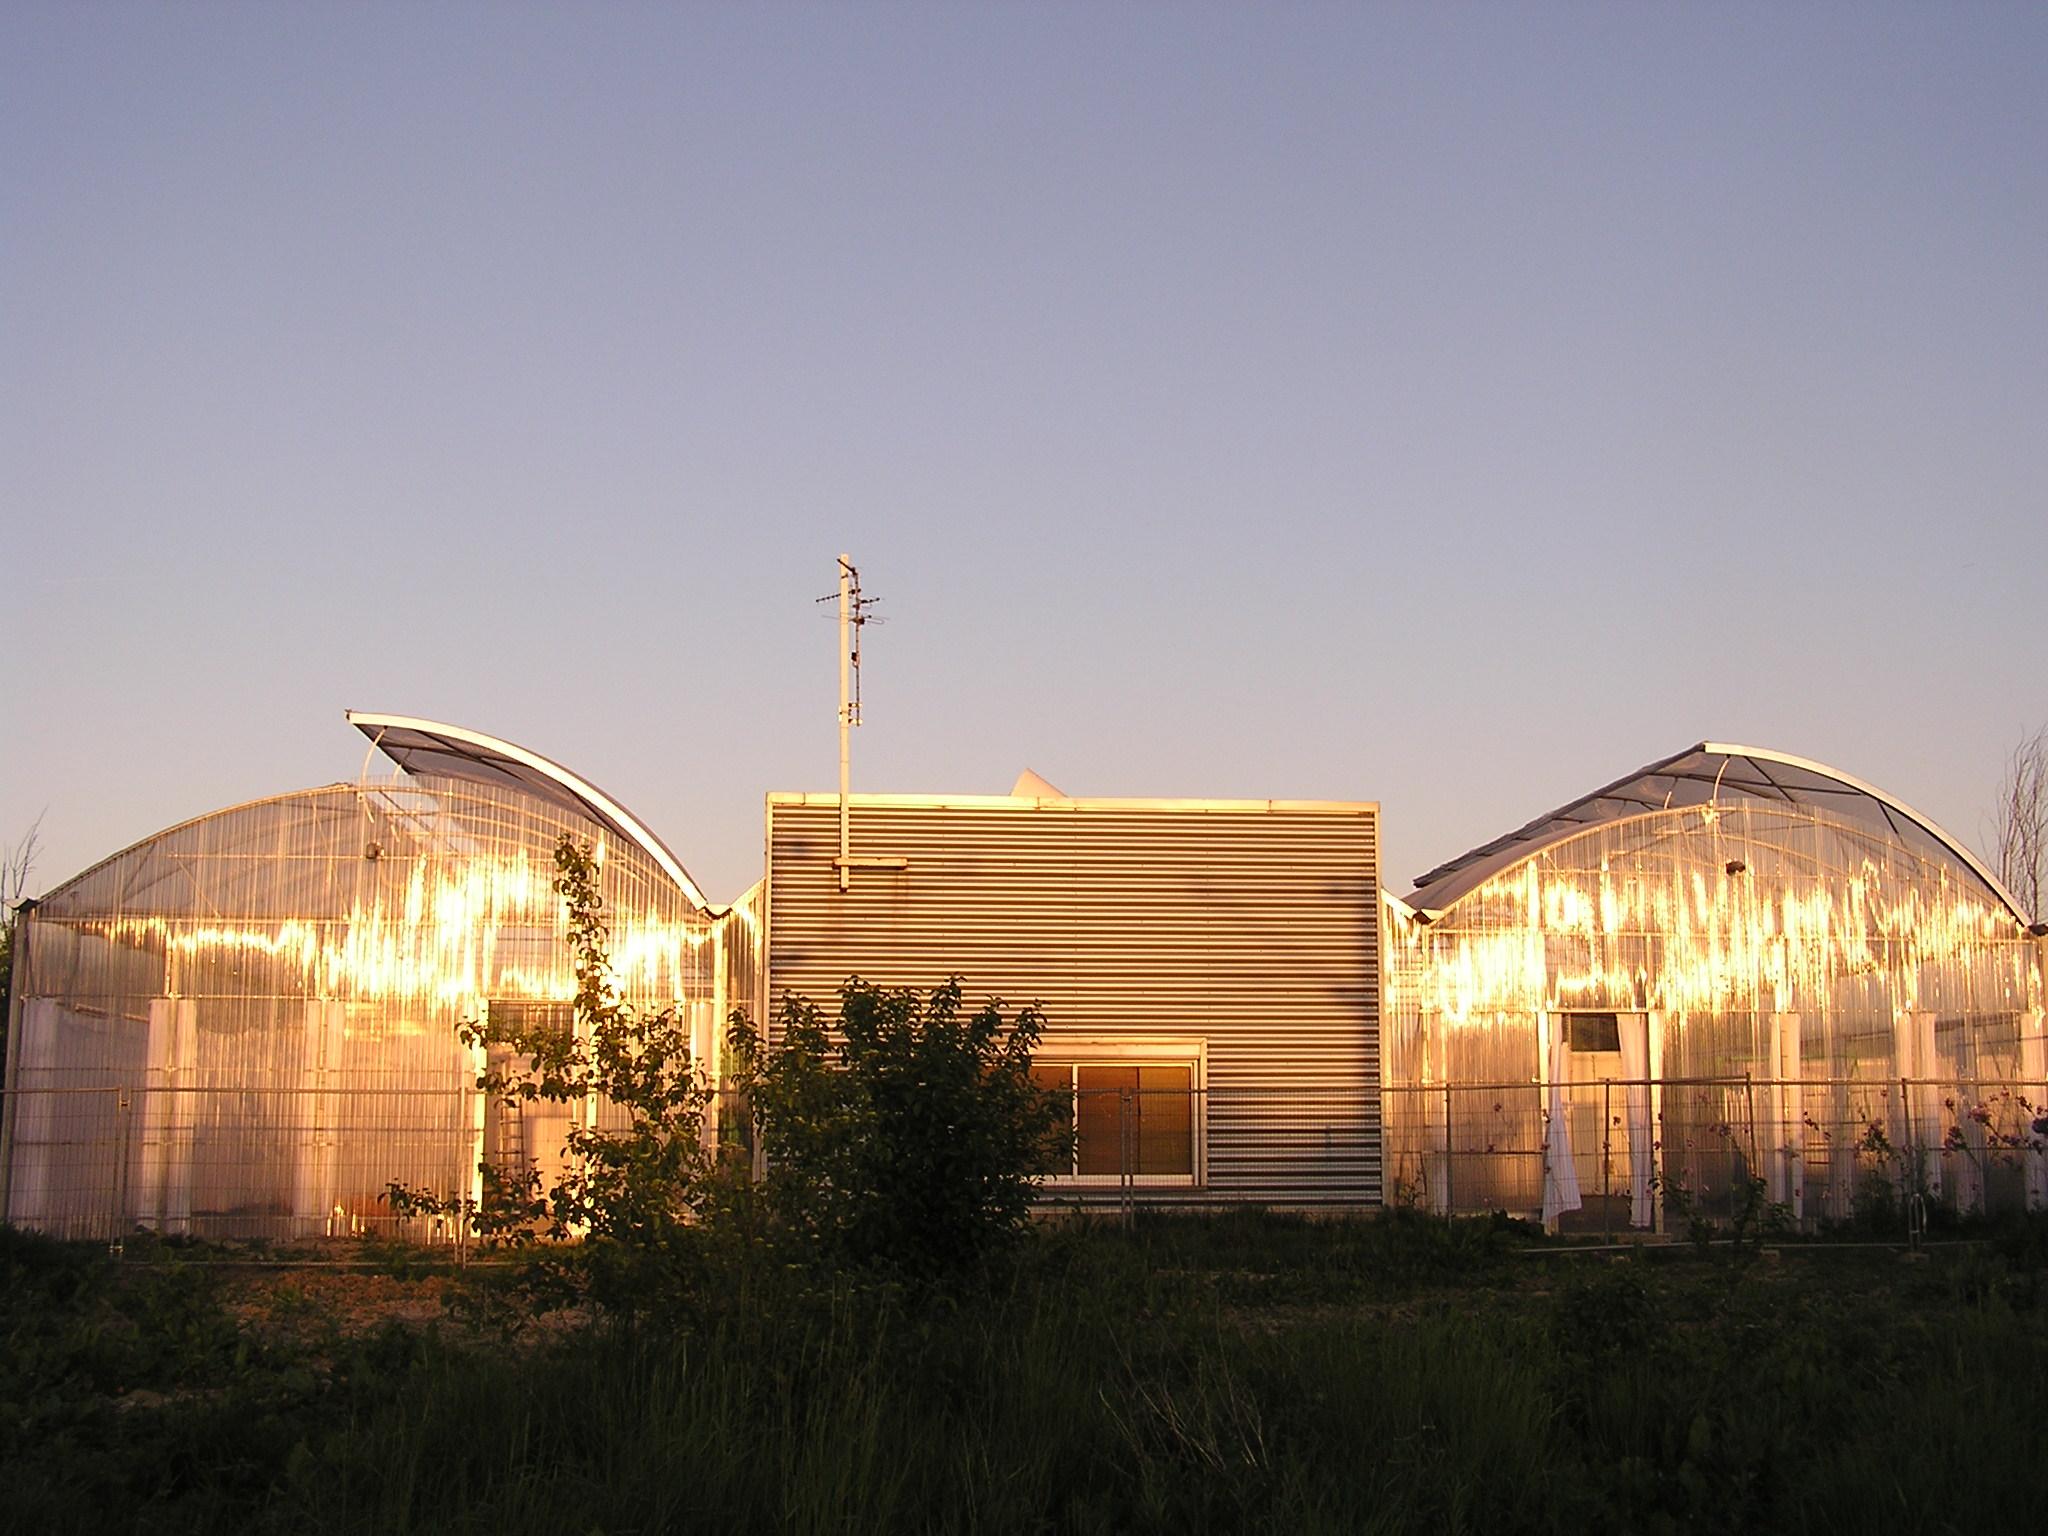 Maison container lesquin patrick partouche architecte archello - Maison container ...